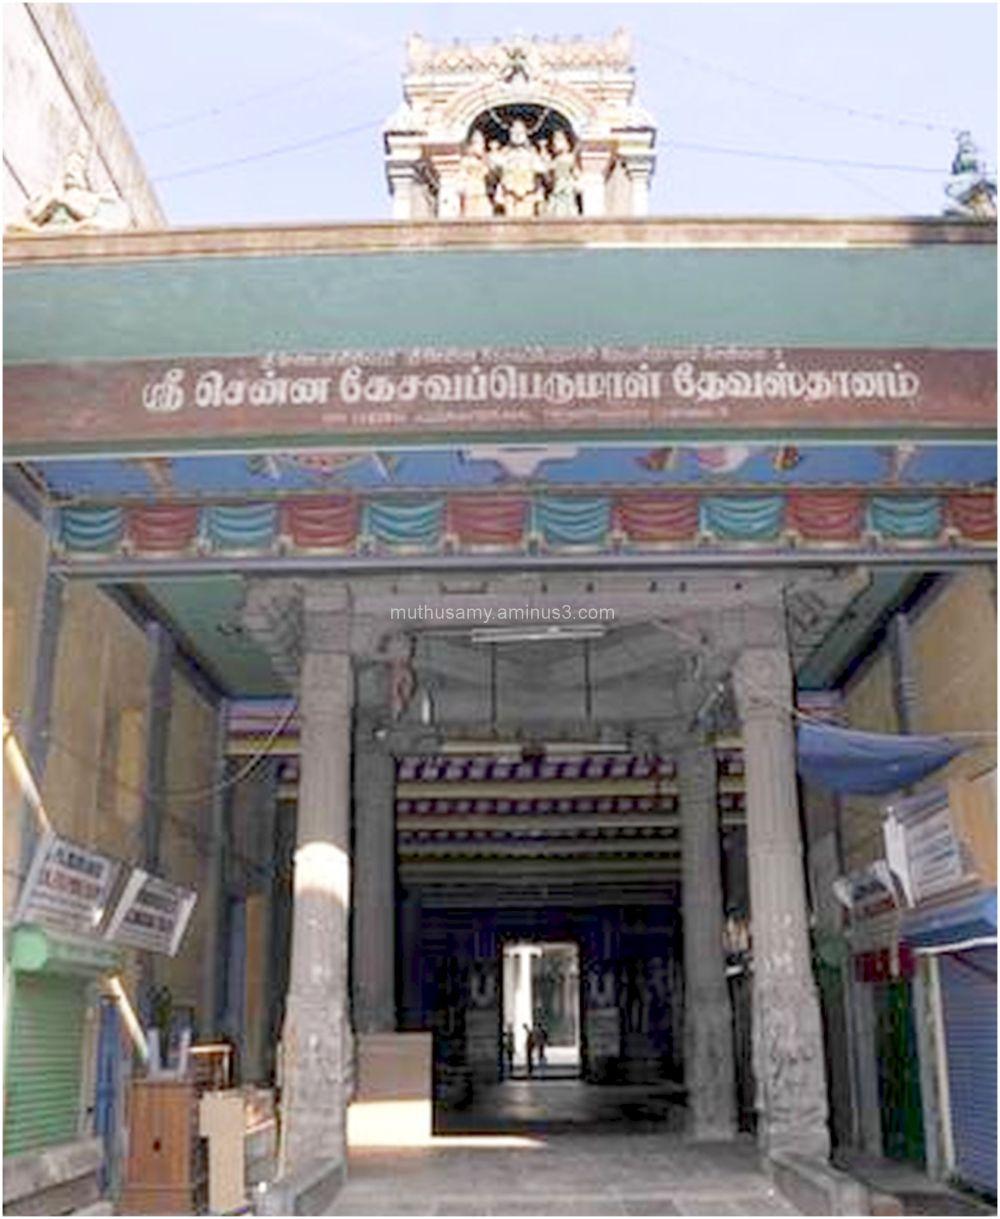 Chennakesava Perumal Temple, George Town, Chennai